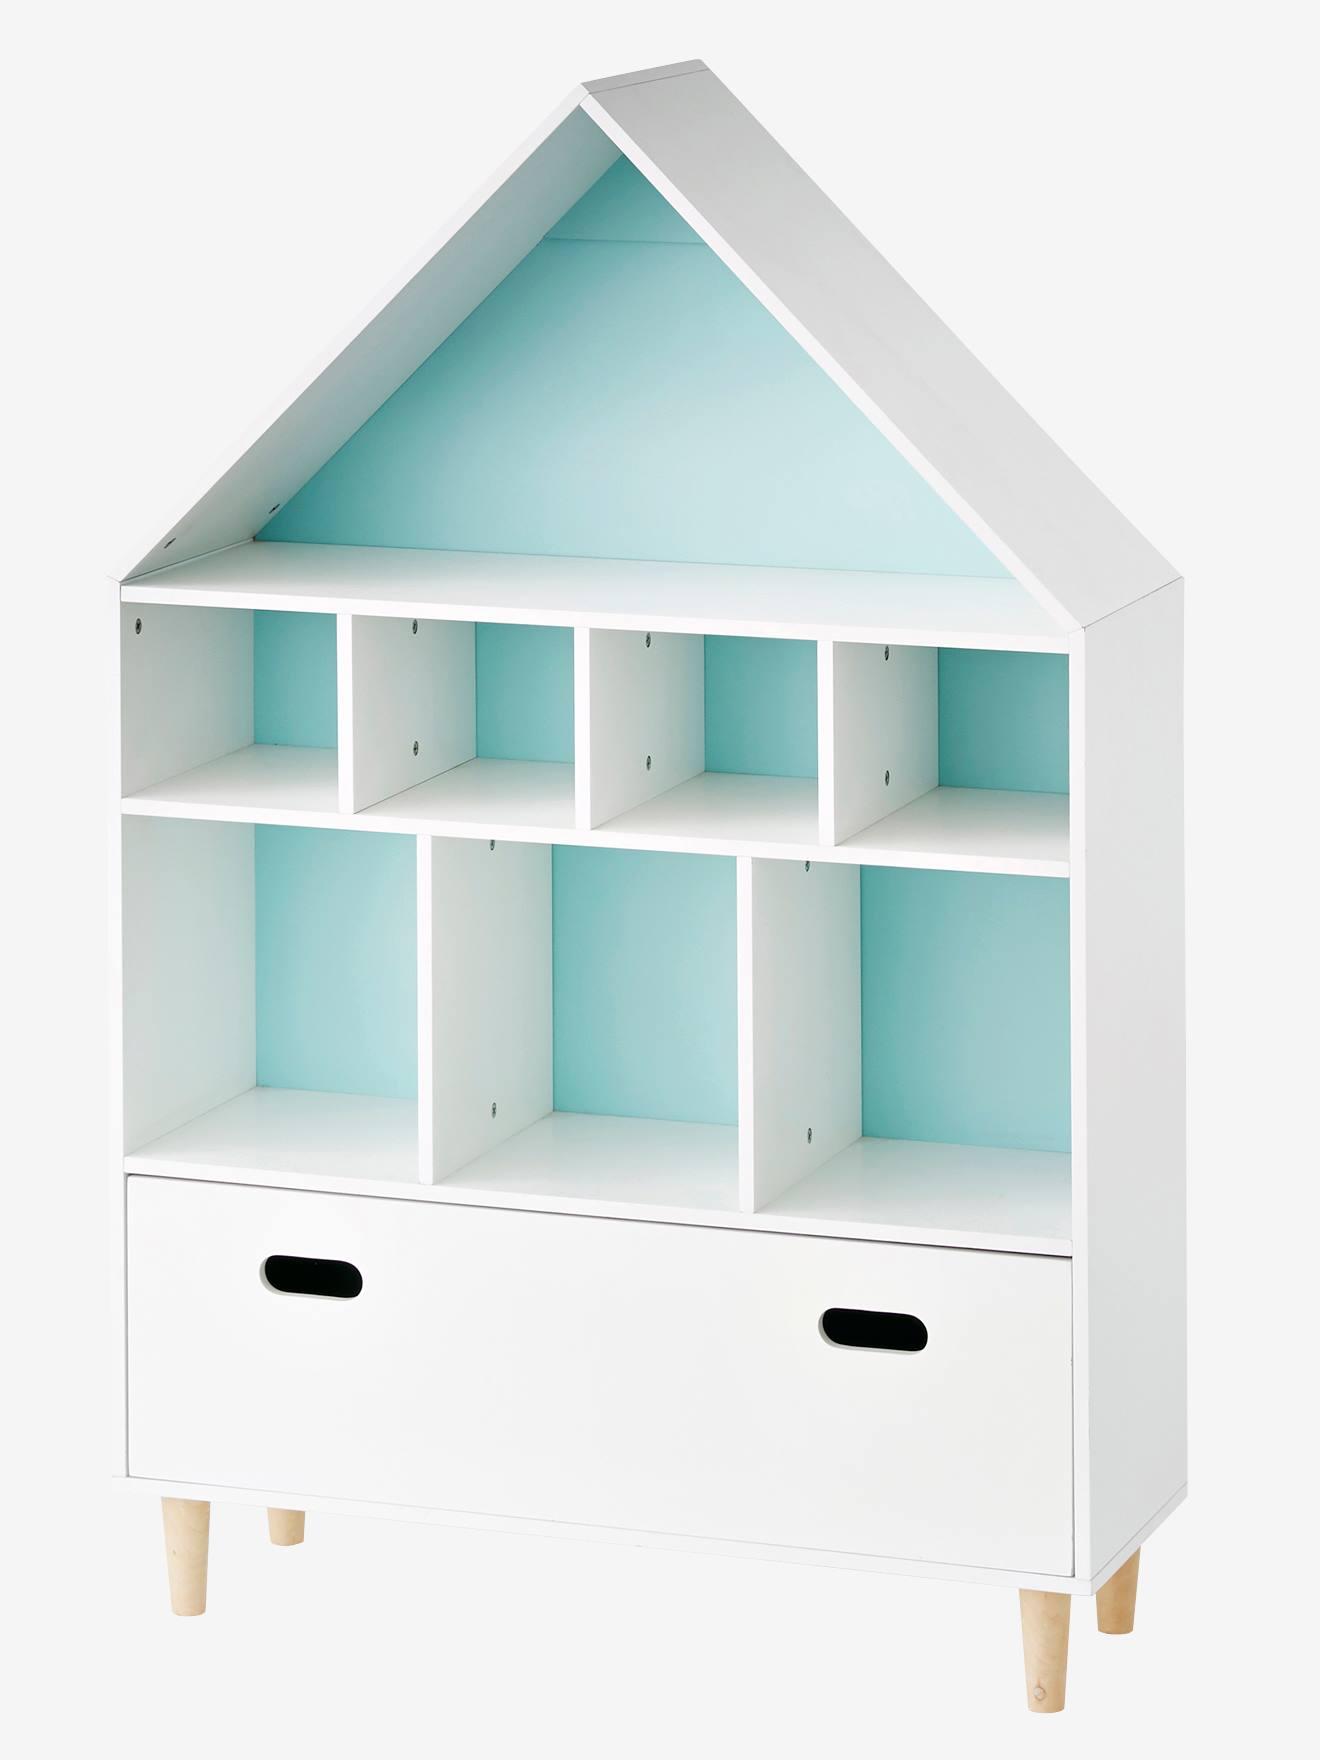 Móvel de arrumação em forma de casa branco/azul